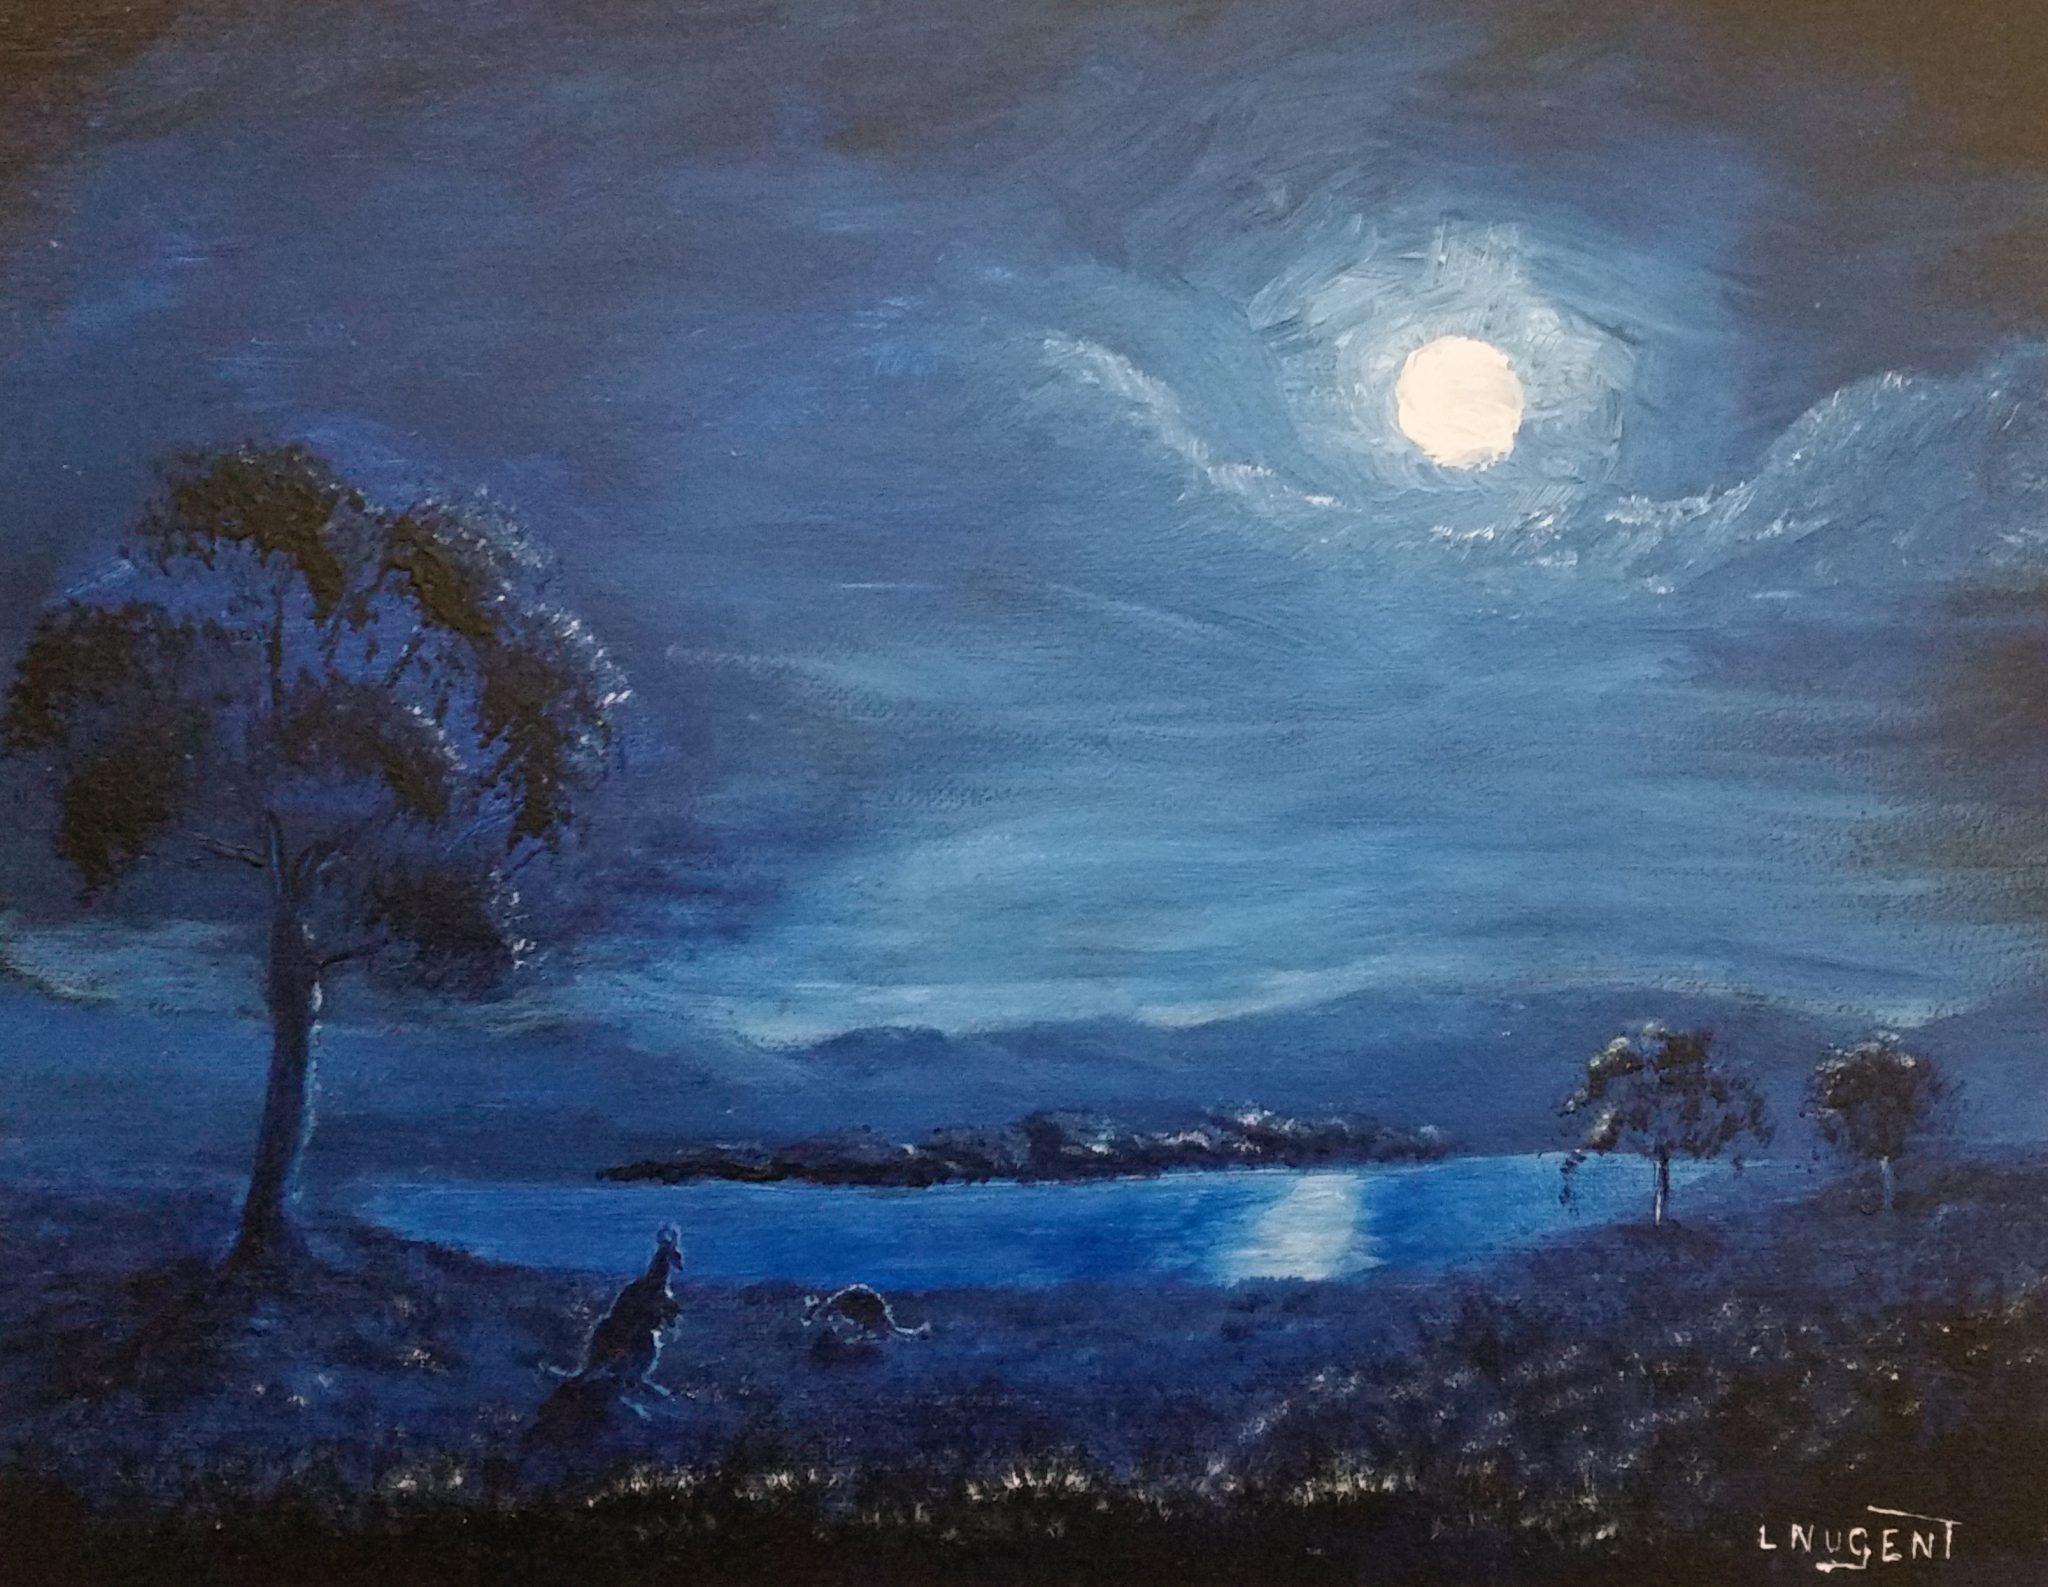 Lionel Nugent, Luna Landscape in Blue